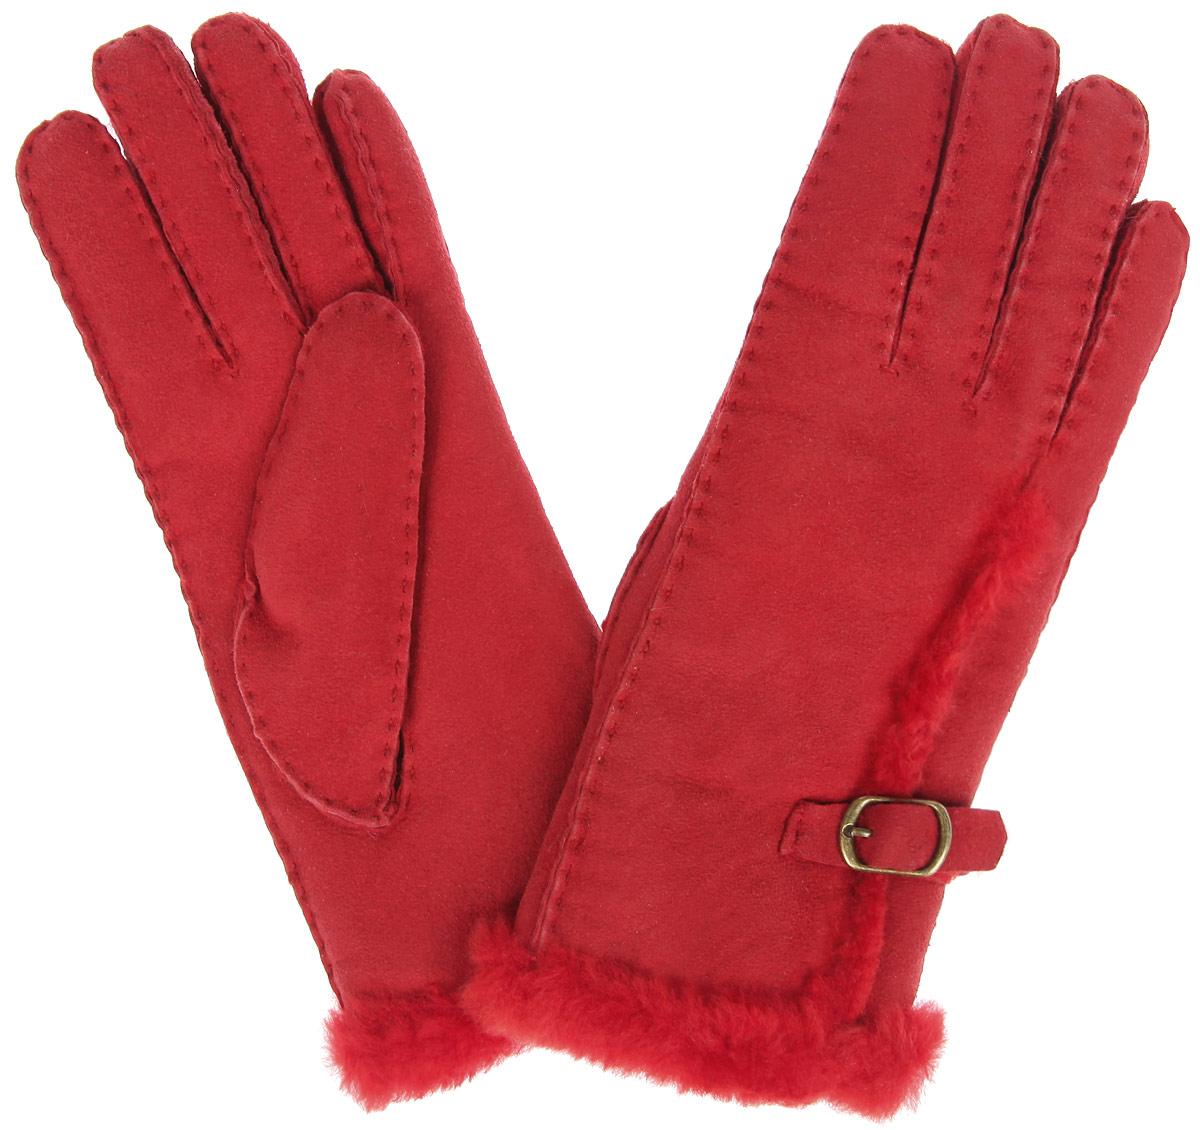 Перчатки женские. 25.925.9-1_blackЭлегантные женские перчатки Fabretti станут великолепным дополнением вашего образа и защитят ваши руки от холода и ветра во время прогулок. Перчатки выполнены из натуральной кожи и имеют подкладку из натурального меха, что позволяет им надежно сохранять тепло и обеспечивает высокую гигроскопичность. Модель дополнена декоративным хлястиком с пряжкой на запястье и оформлена наружными швами. Такие перчатки будут оригинальным завершающим штрихом в создании современного модного образа, они подчеркнут ваш изысканный вкус и станут незаменимым и практичным аксессуаром.